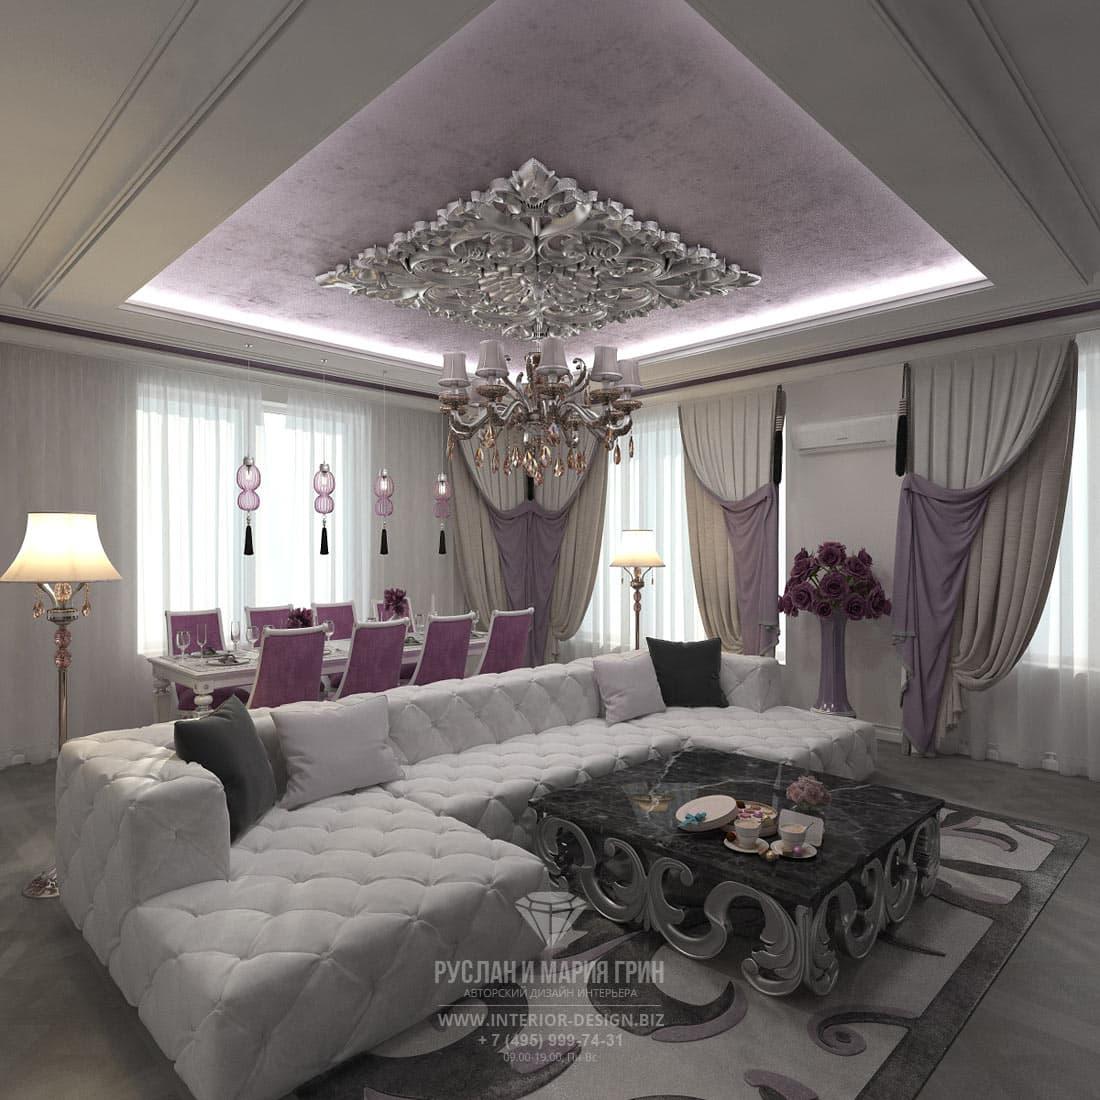 Дизайн-проект коттеджа. Интерьер гостиной комнаты со столовой зоной